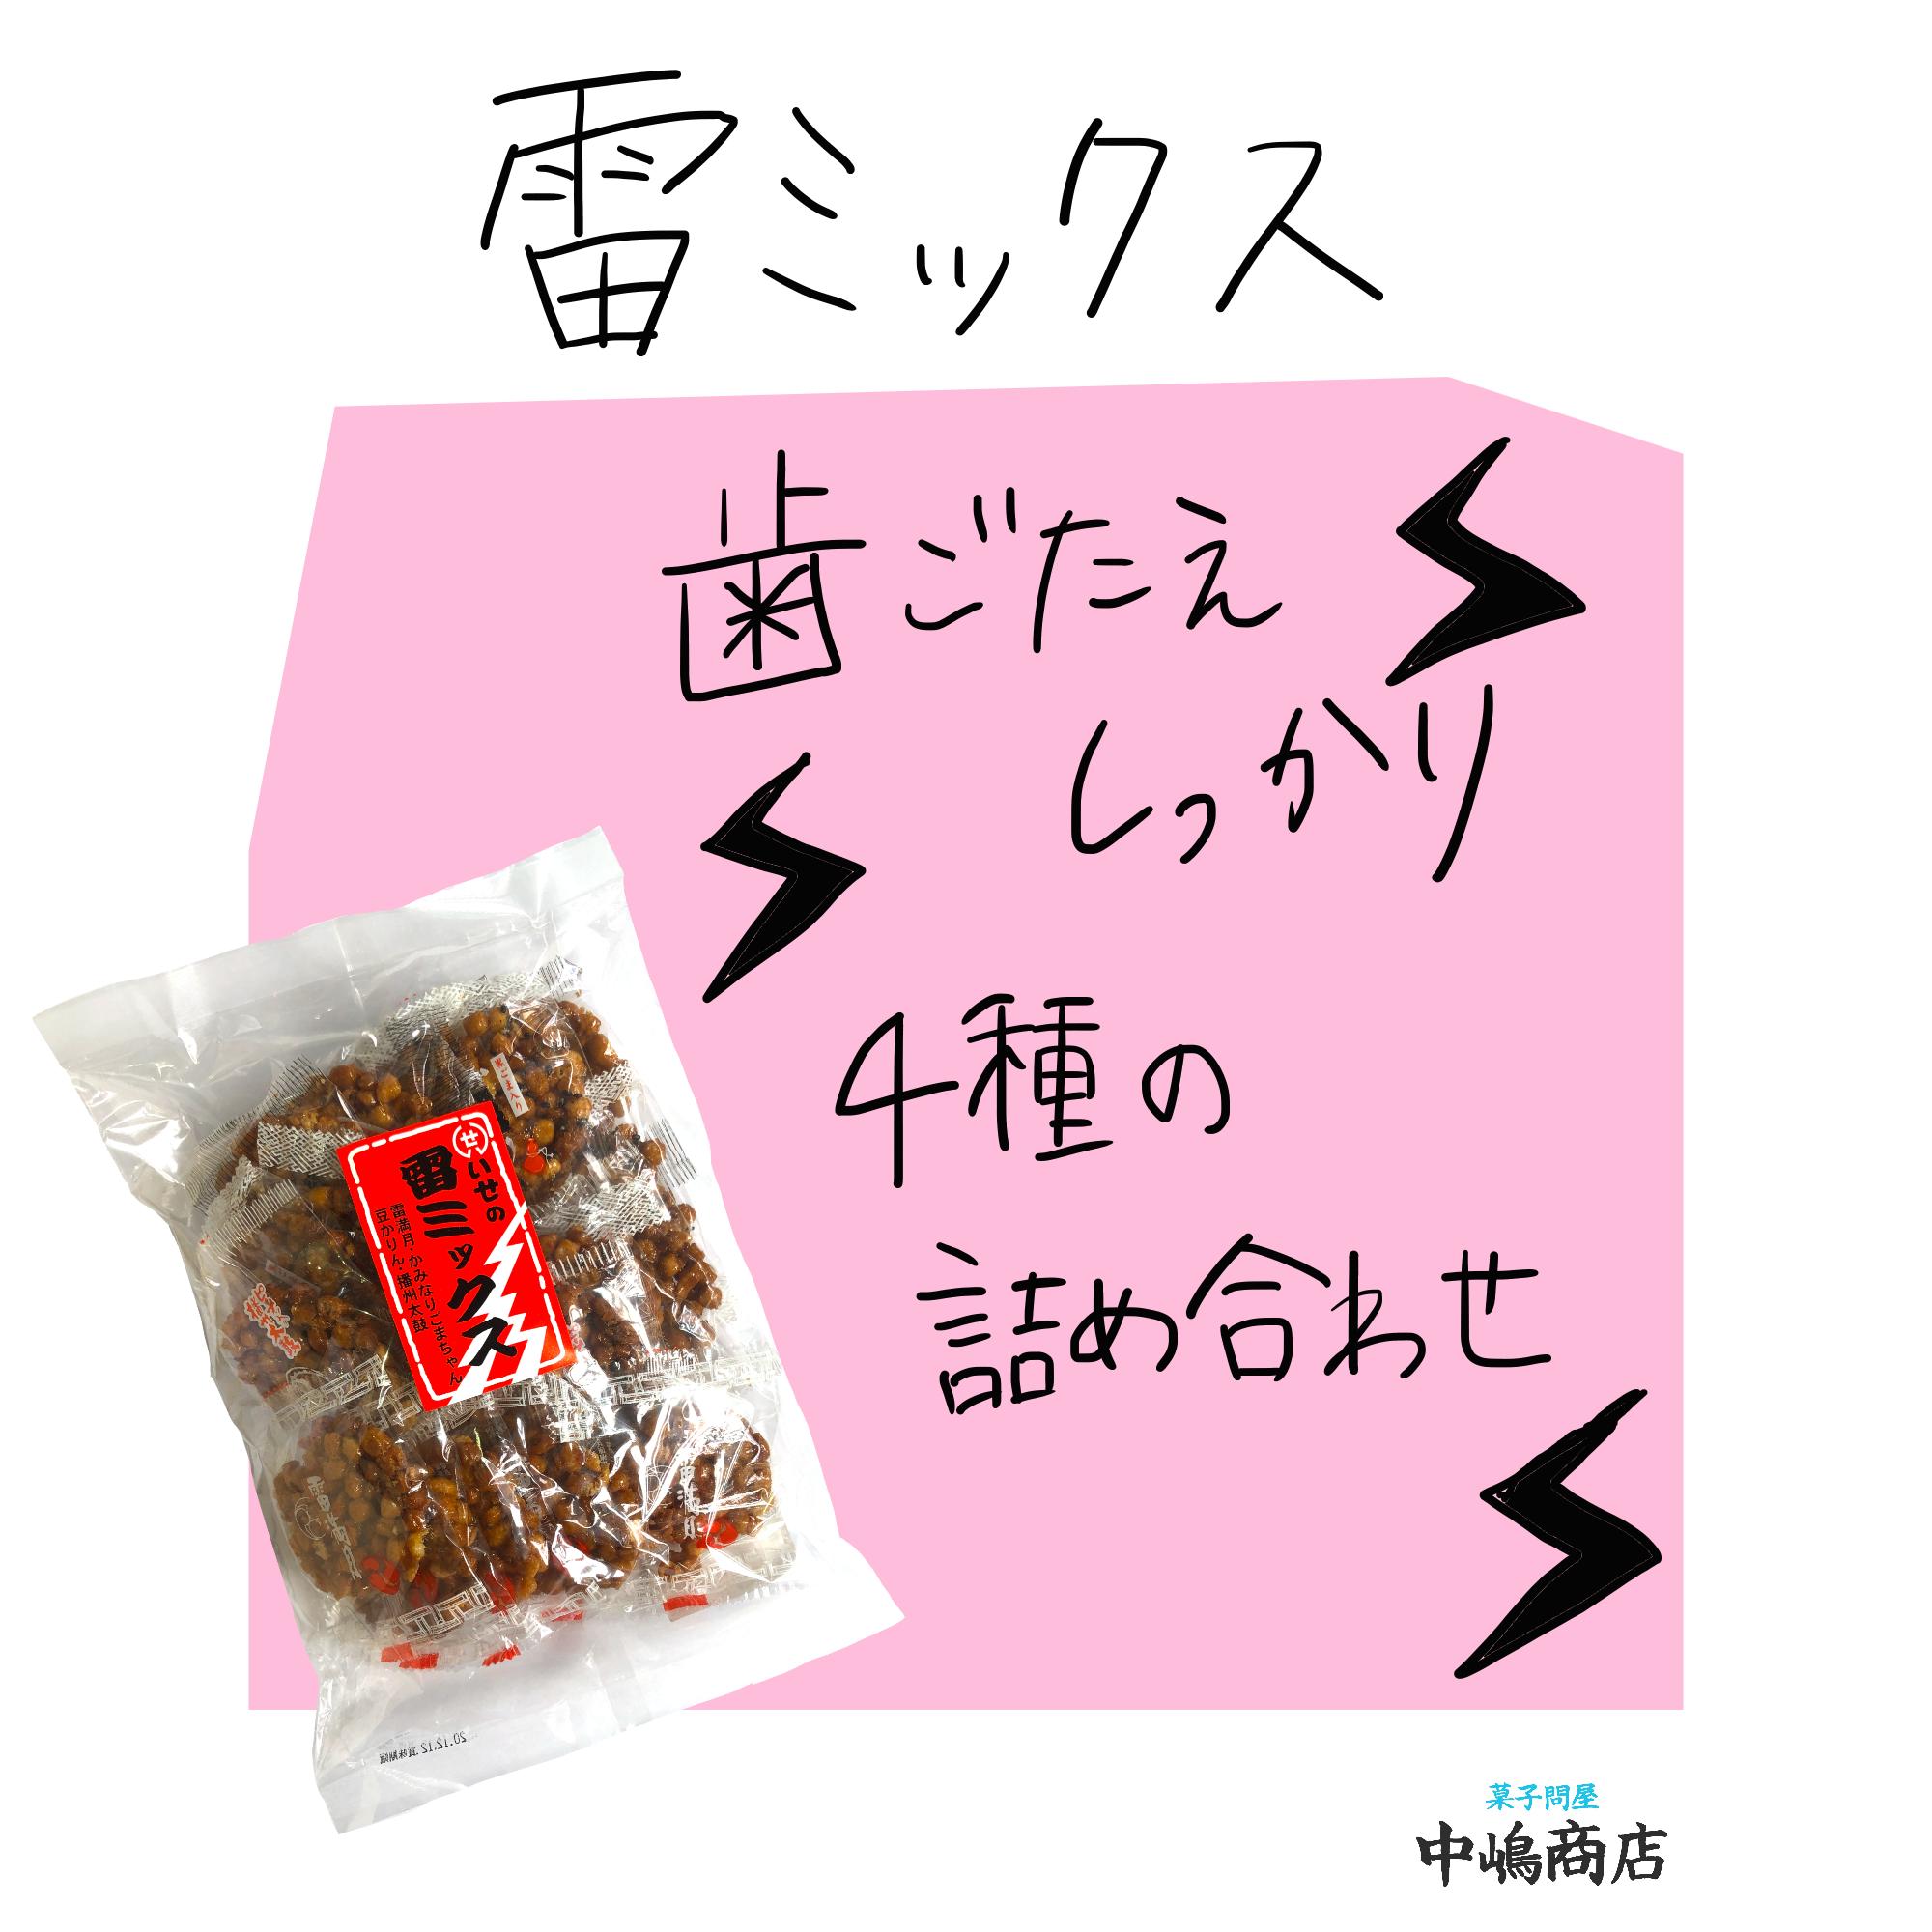 【中嶋商店のおすすめ菓子】「伊勢製菓」の「雷ミックス」は歯応えしっかりで素朴な味わいでした♩